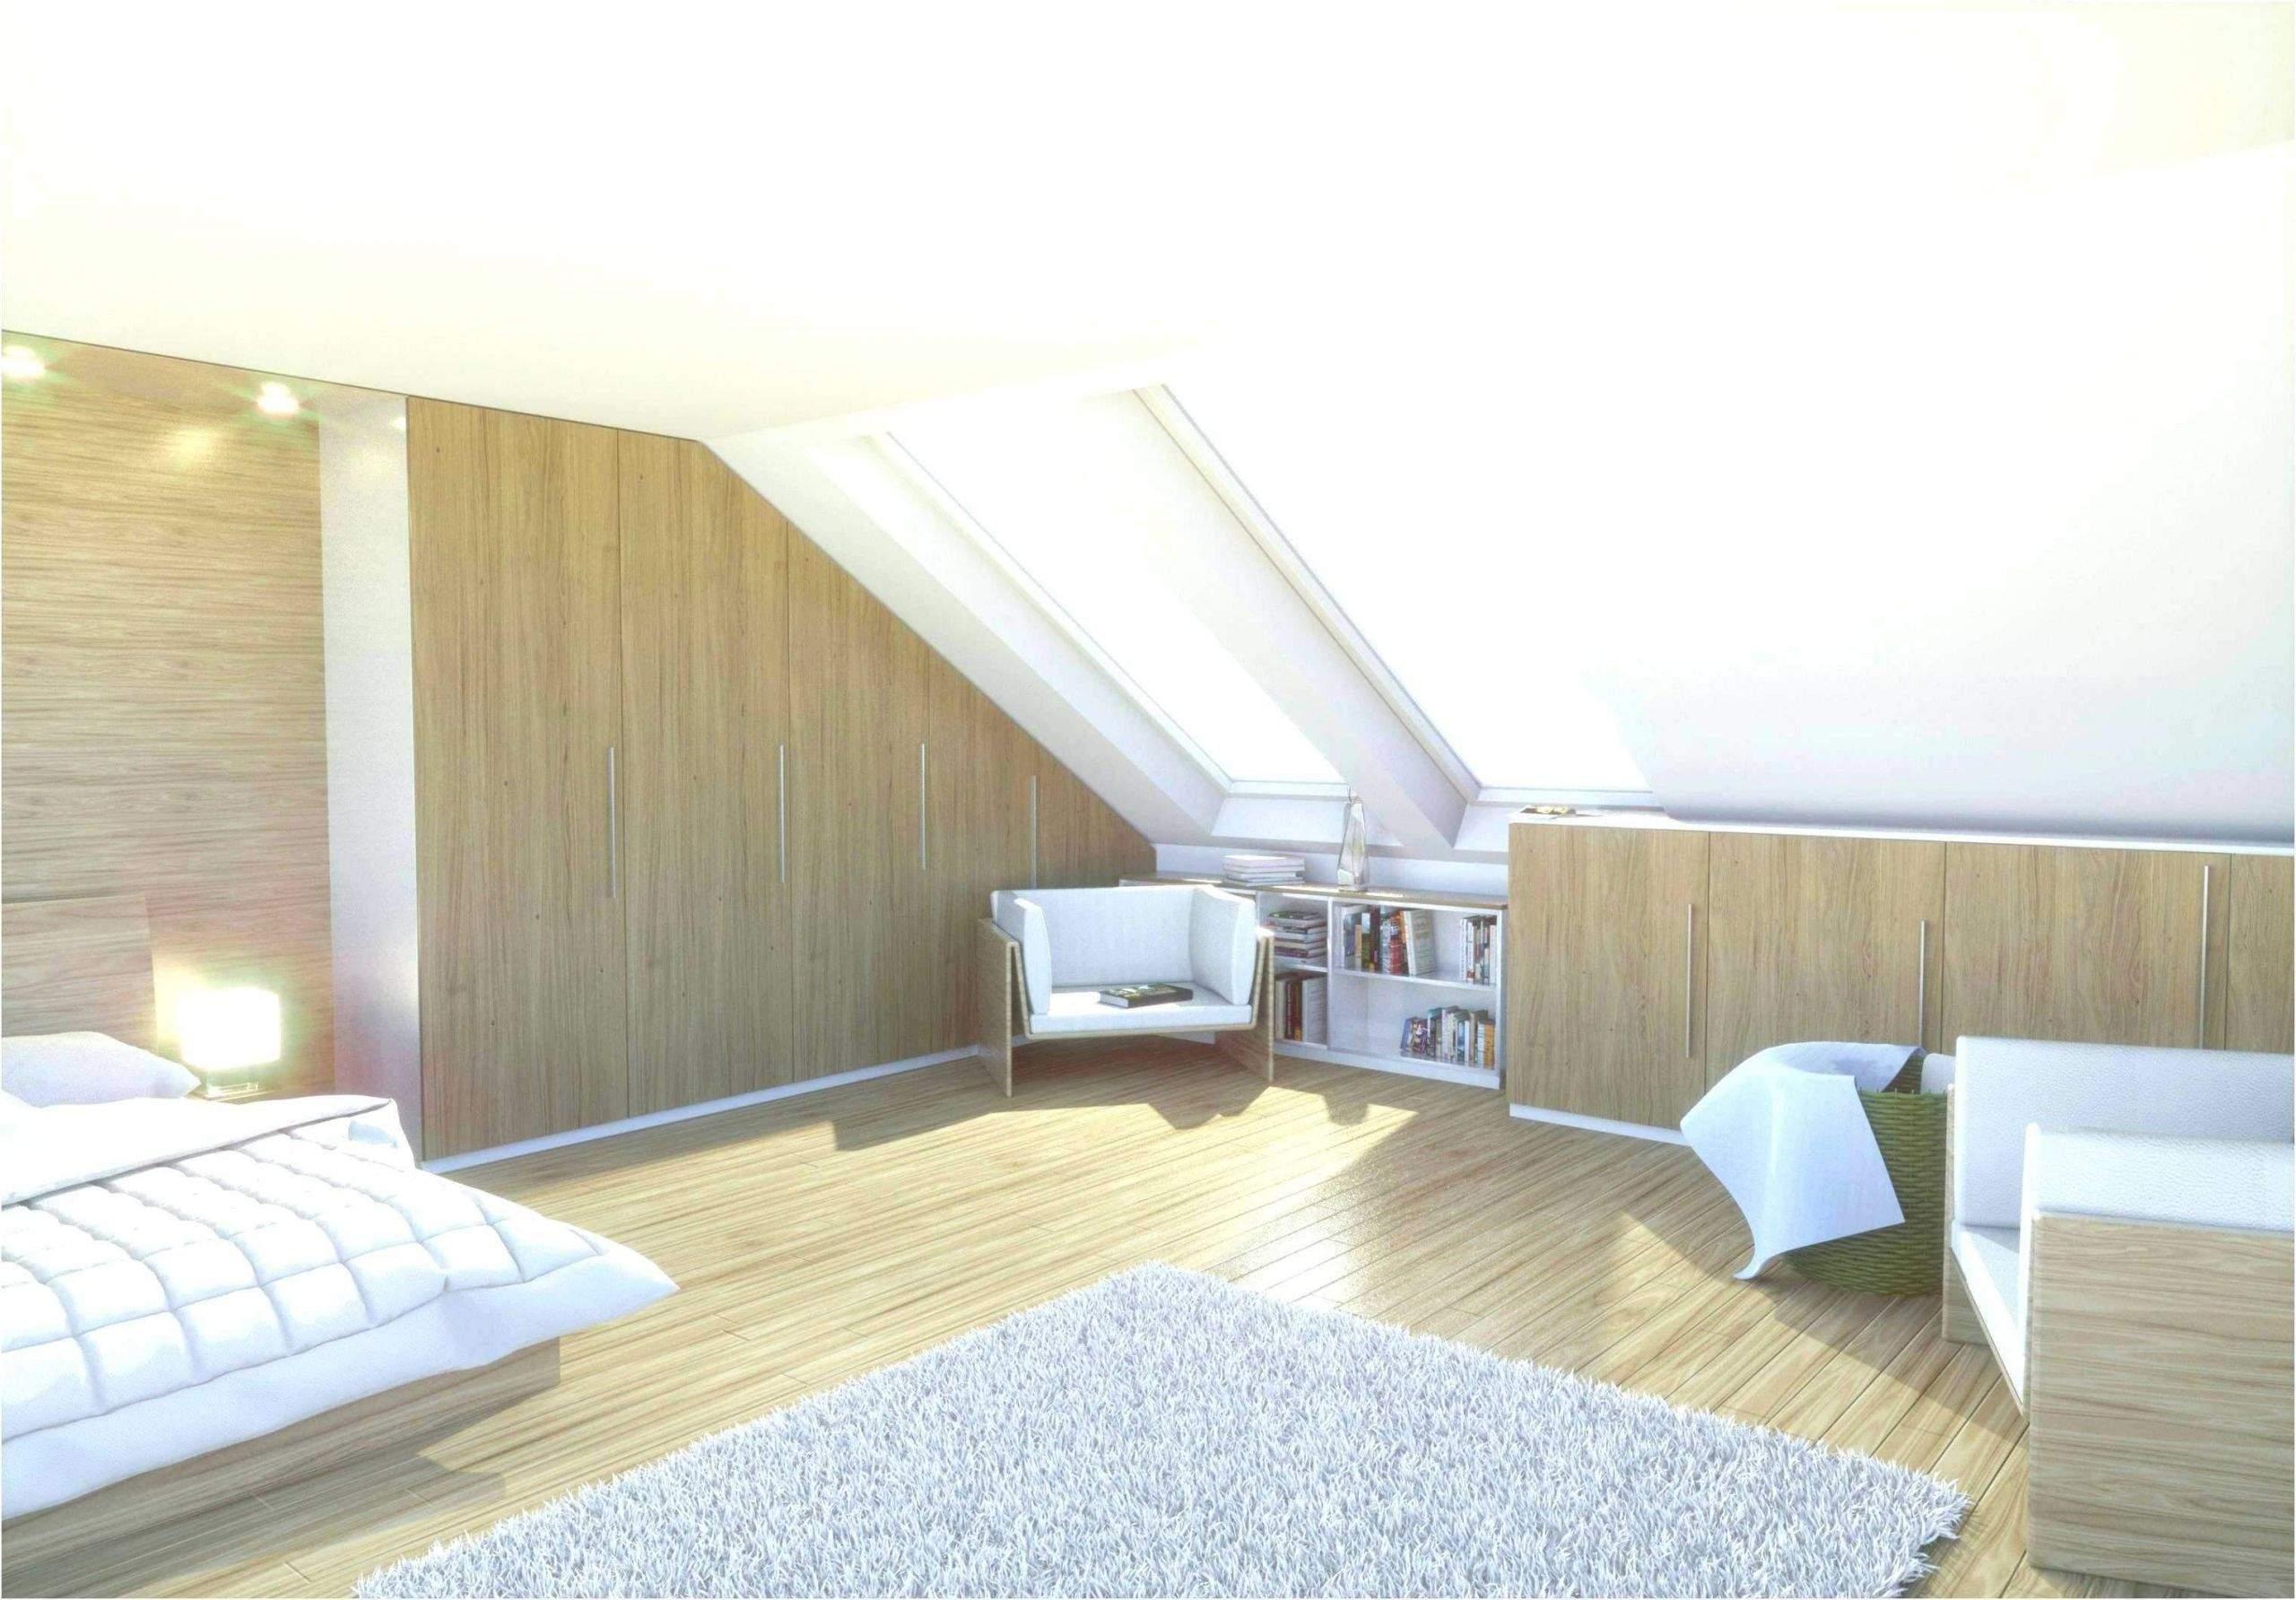 ikea schrank wohnzimmer elegant 40 einzigartig von ikea kleiderschrank planer konzept of ikea schrank wohnzimmer scaled